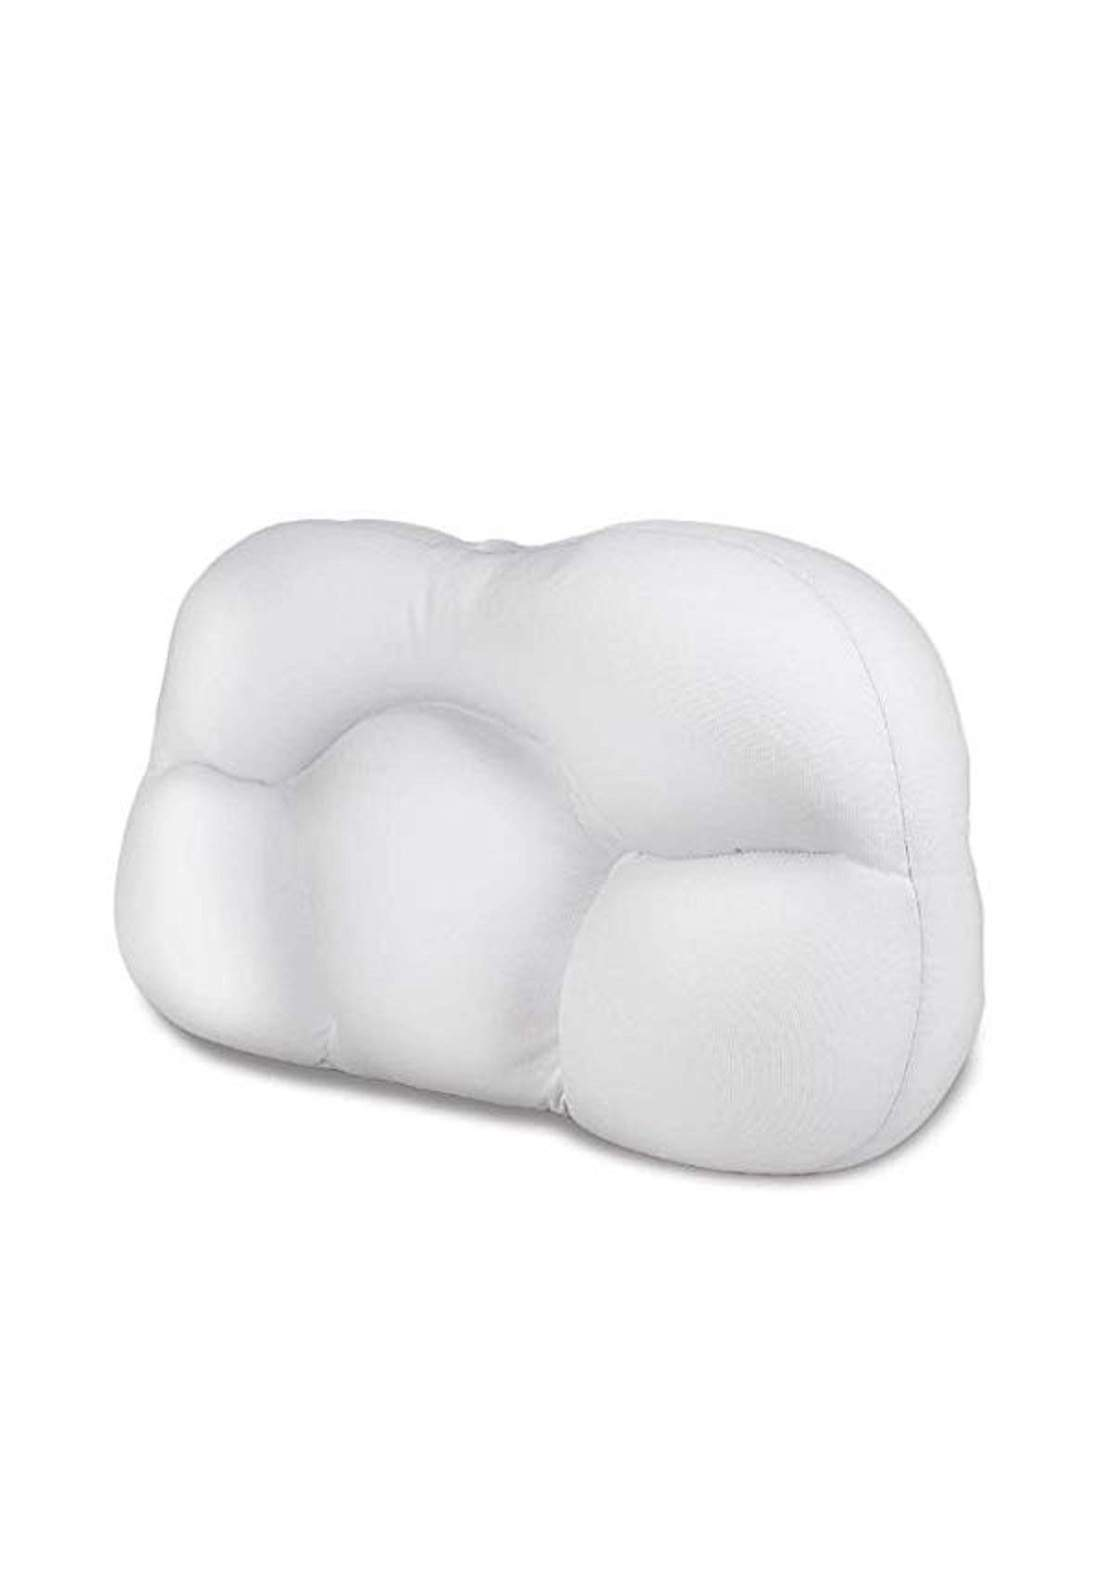 Super Soft Egg Sleeper Pillow وسادة